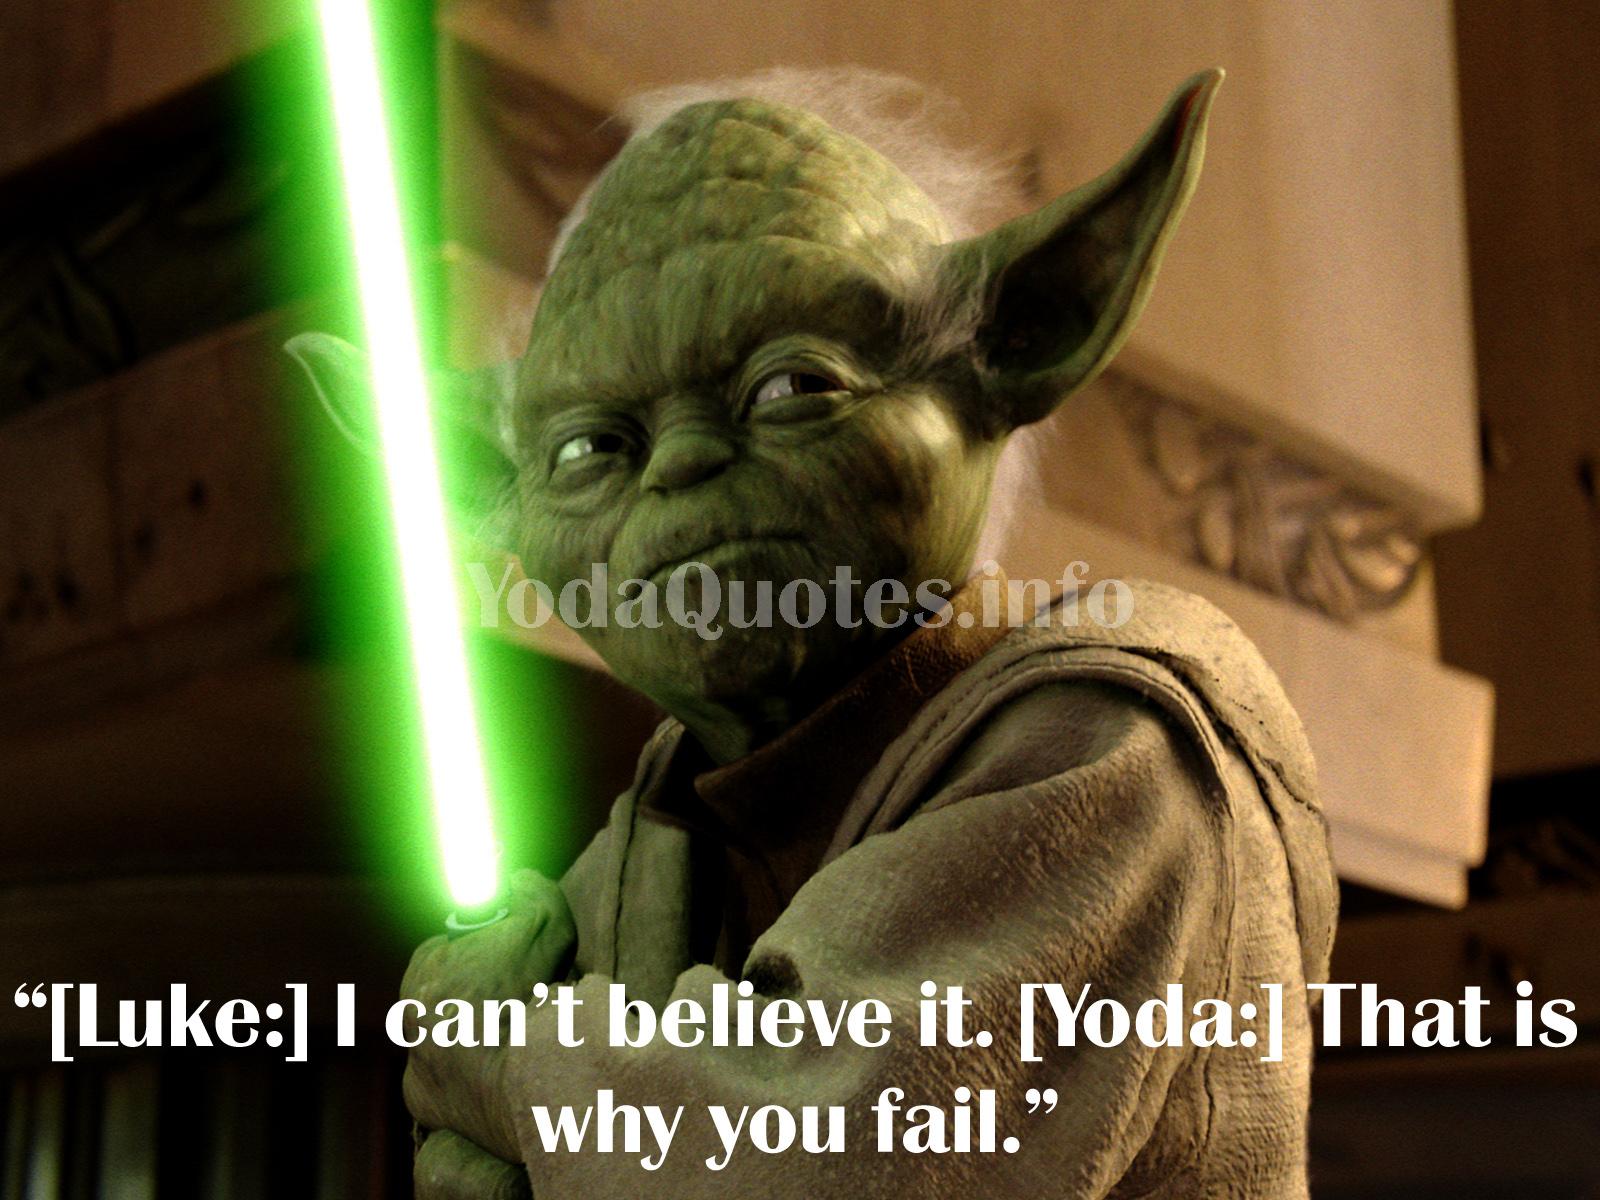 yoda quotes 3